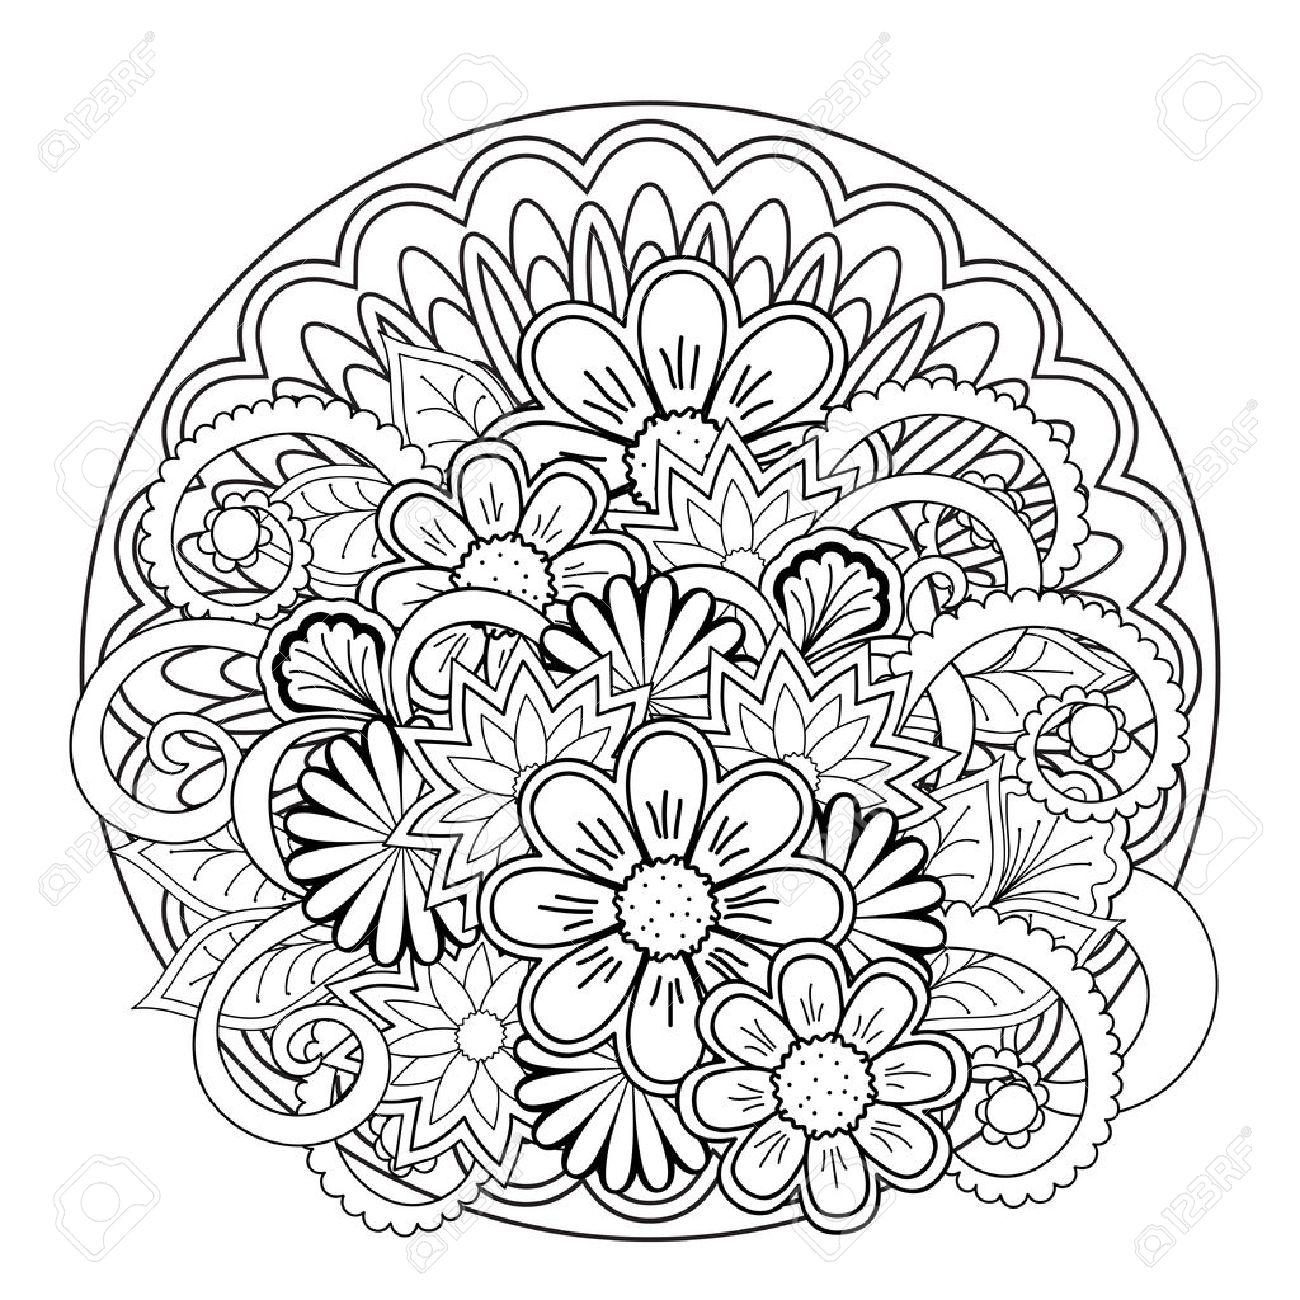 Mandalas Monocromas Y Flores Con Elementos Dibujados A Mano. Imagen ...